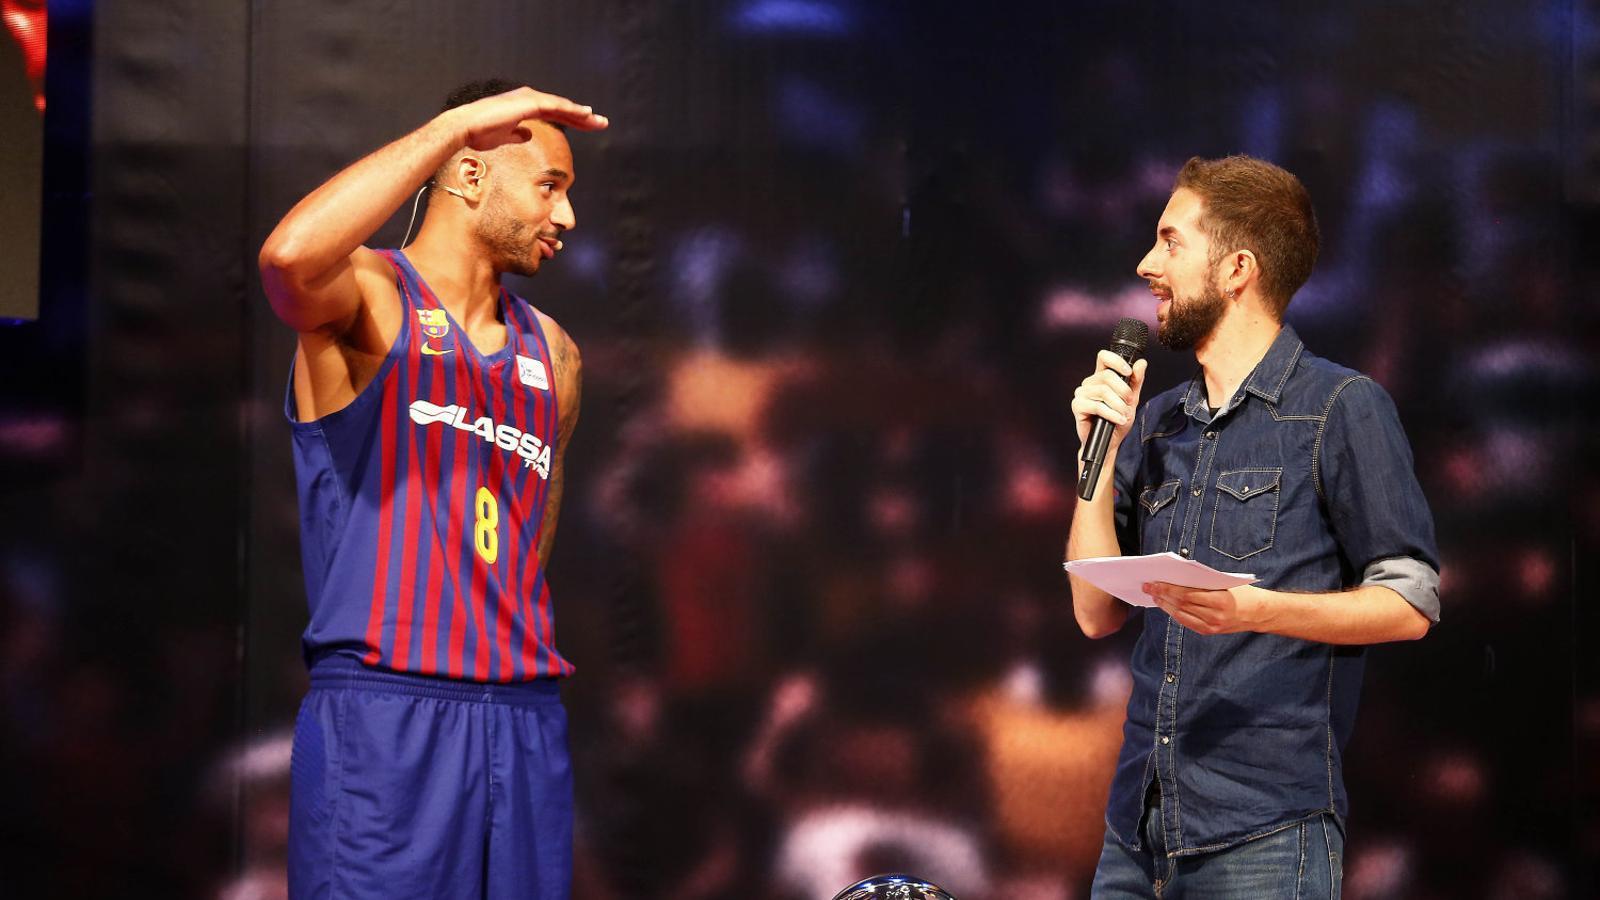 """Ádám Hanga: """"Quan l'equip va bé és quan hi ha oportunitats per fer jugar els joves"""""""